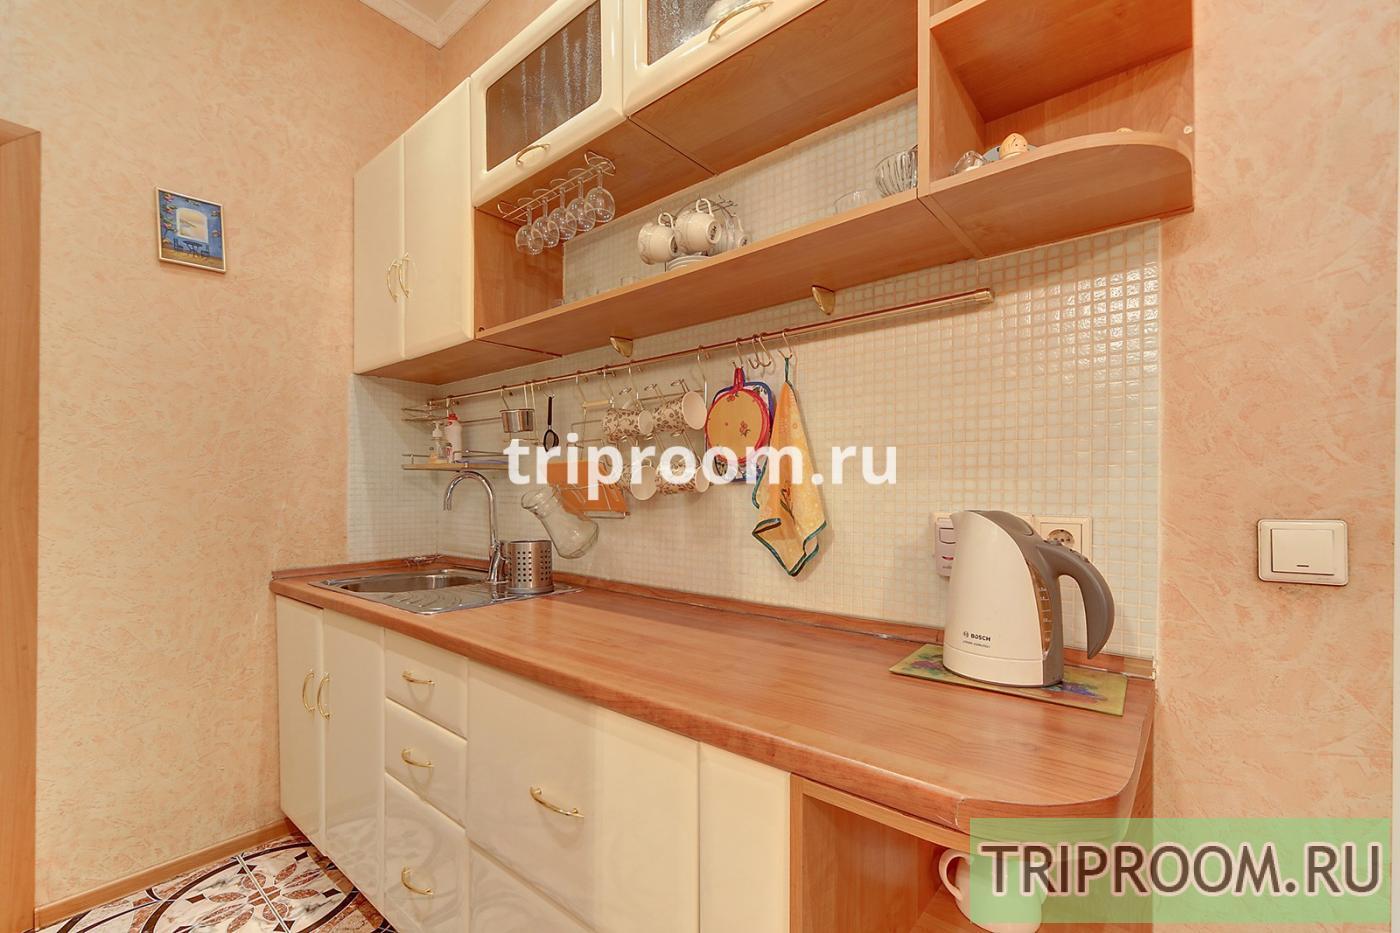 2-комнатная квартира посуточно (вариант № 15459), ул. Адмиралтейская набережная, фото № 18